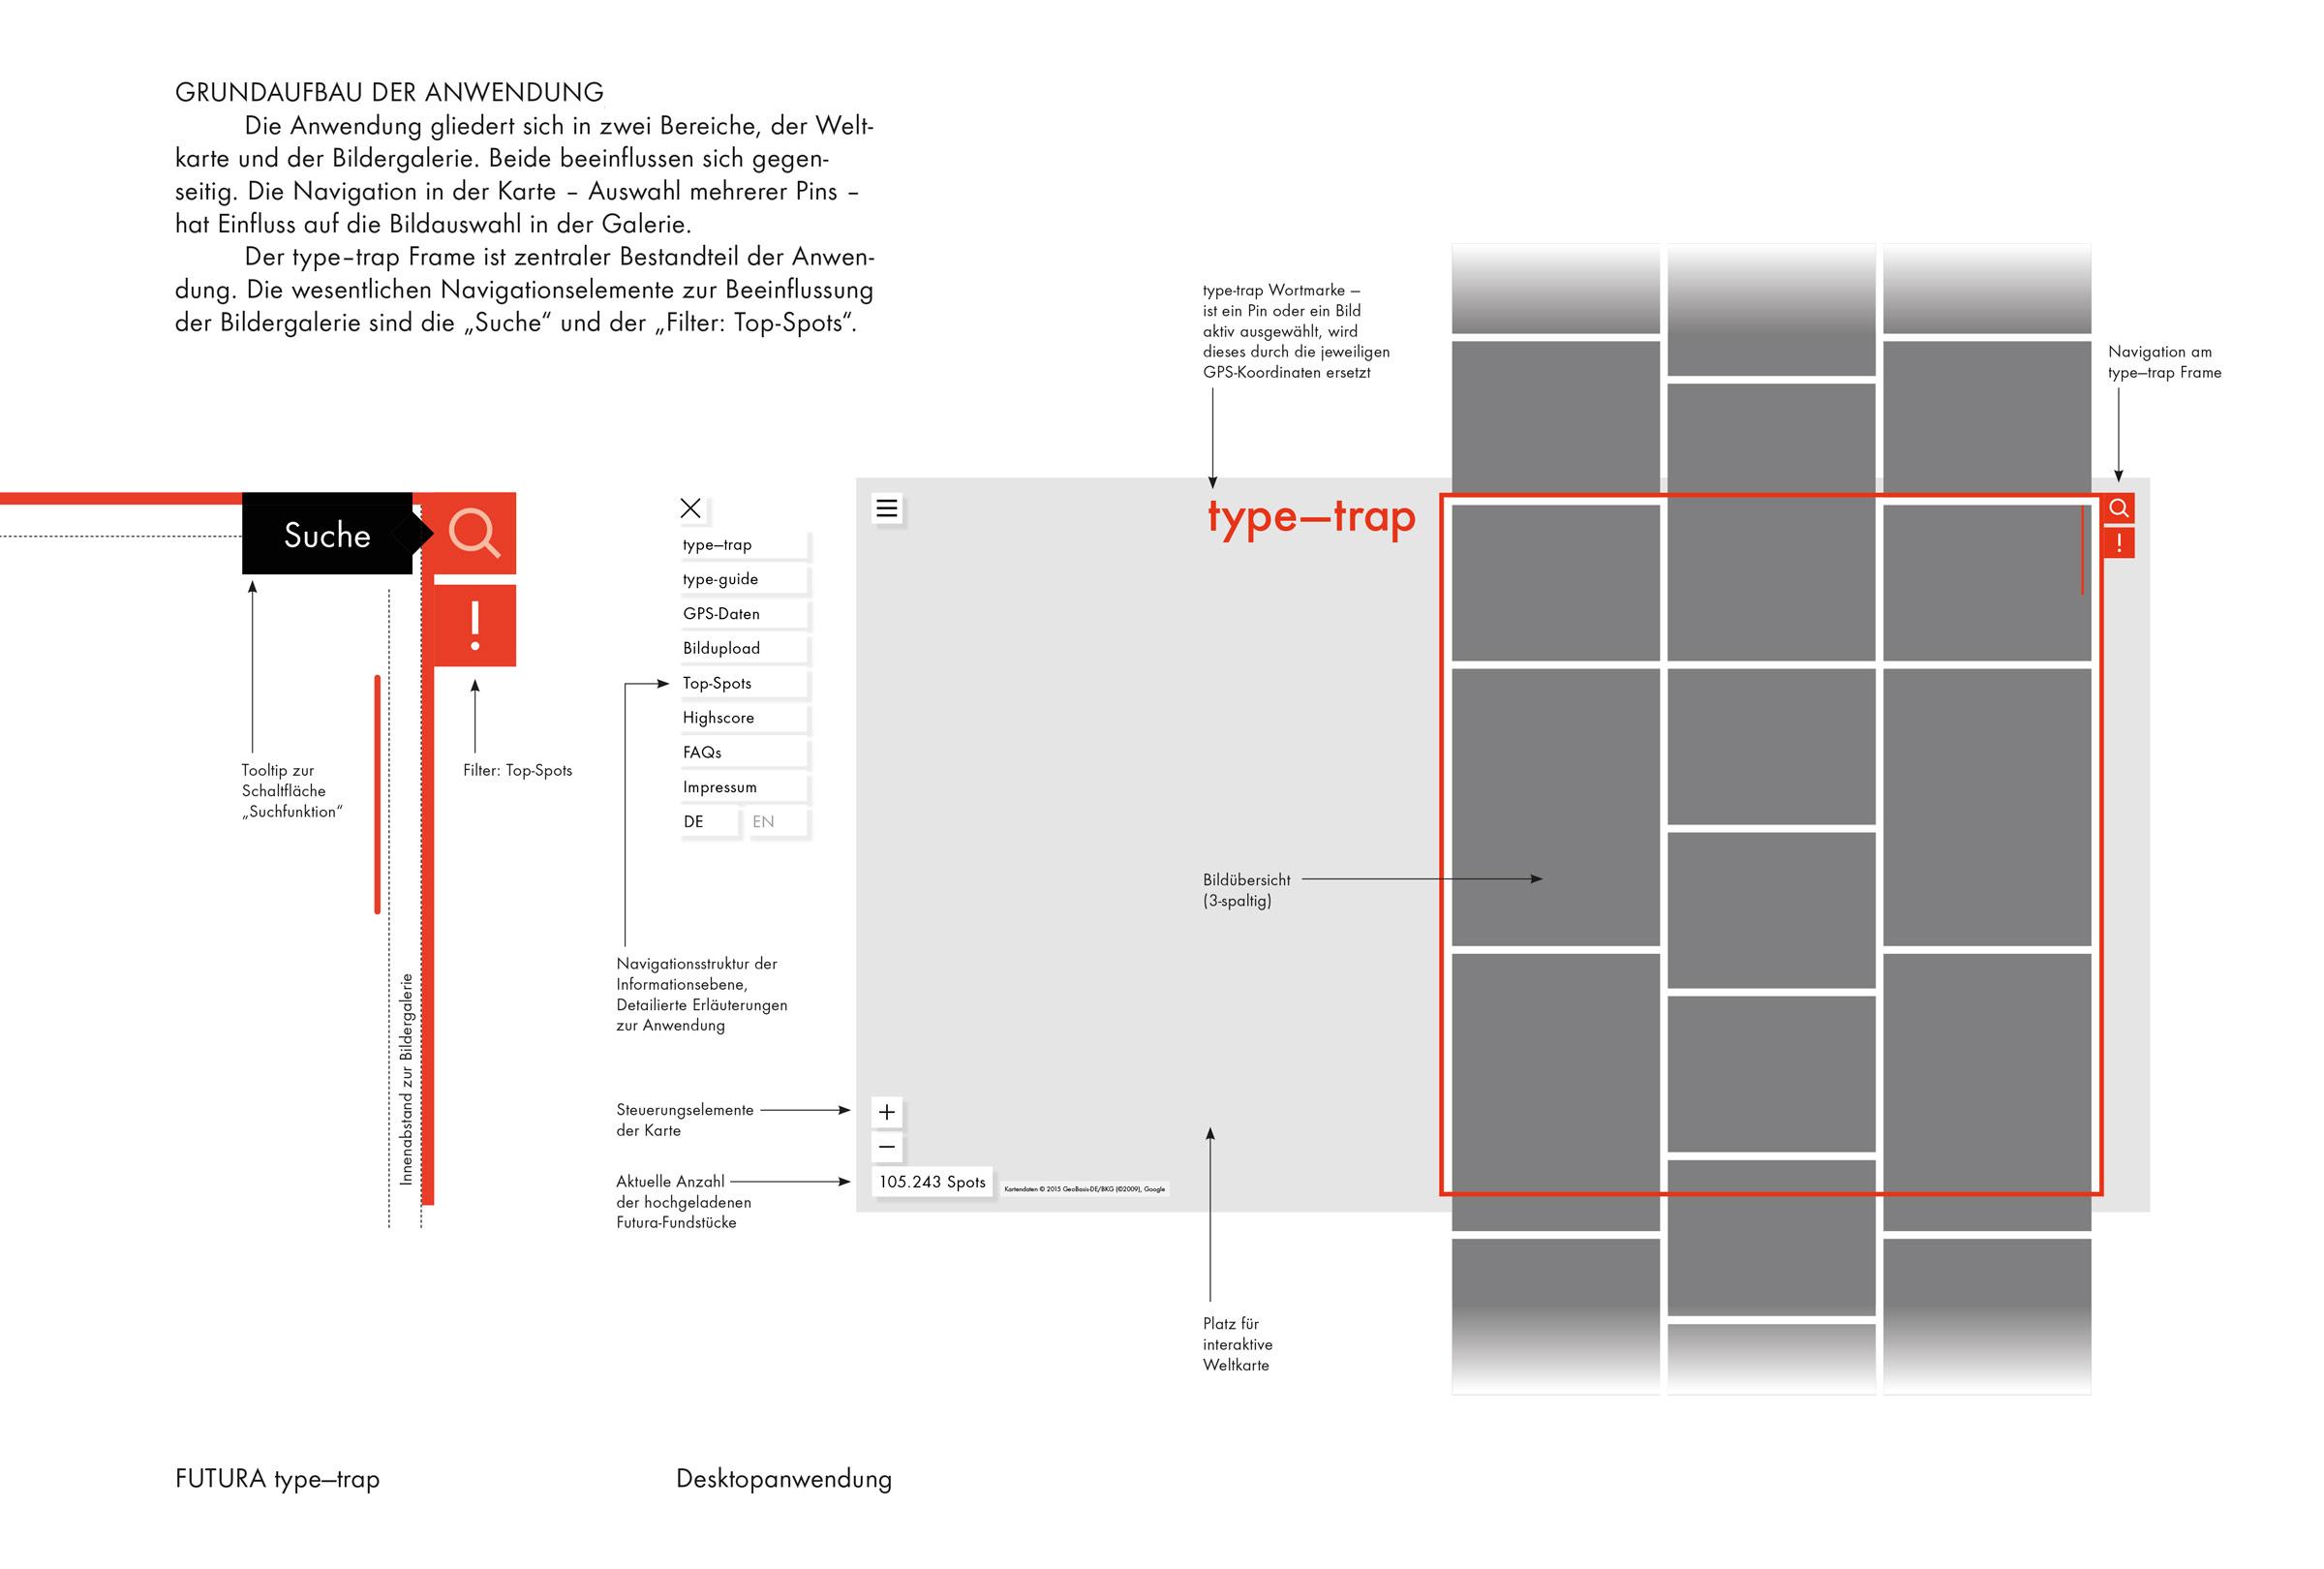 FUTURA type-trap – Grundaufbau der Anwendung © Christian Weber – Büro für Gestaltung und Kommunikation